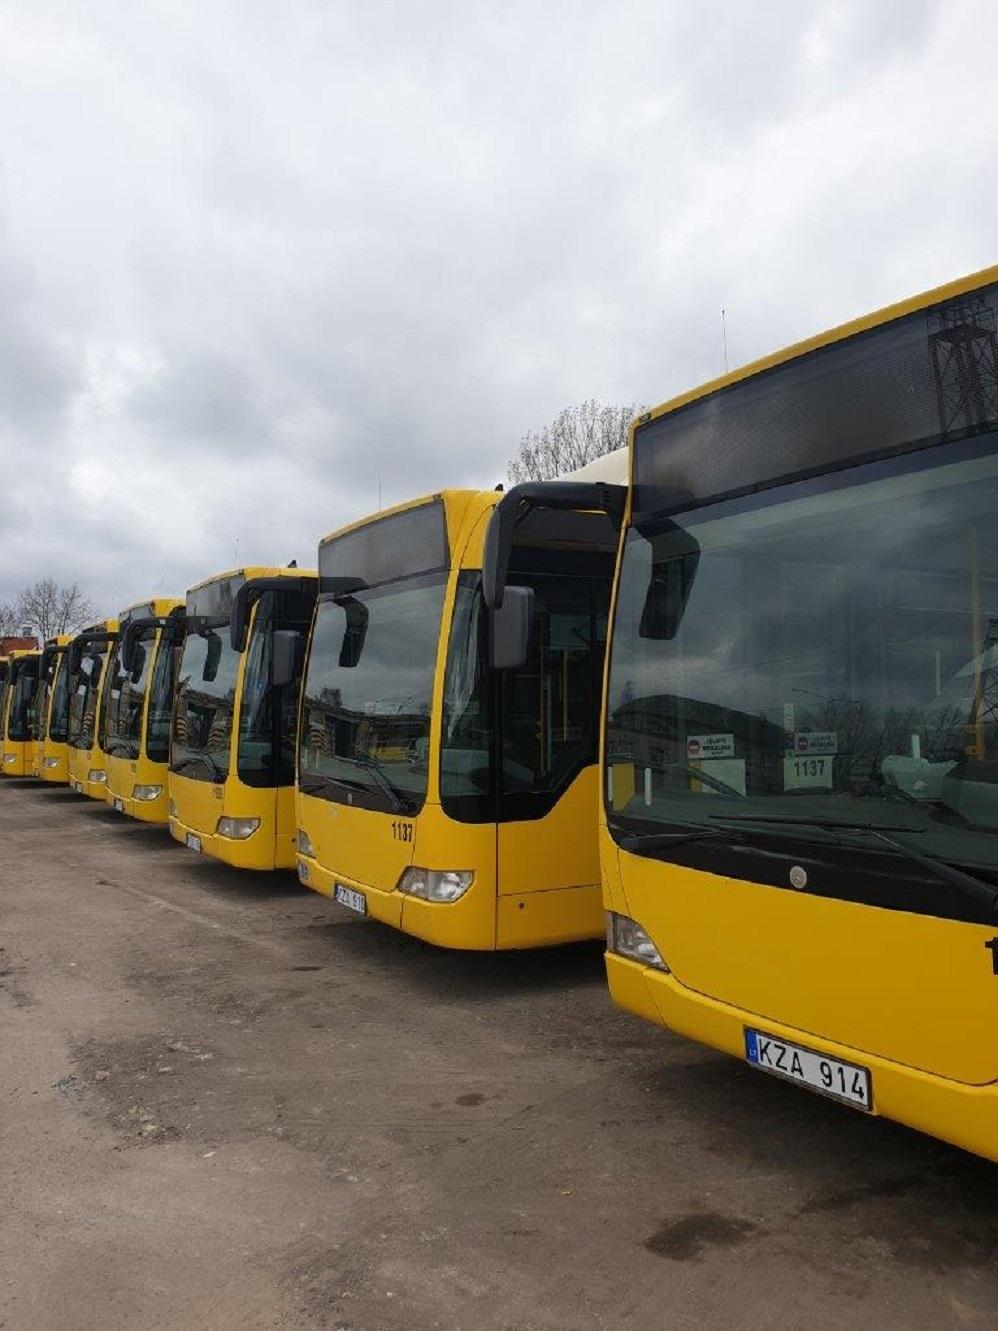 Busturo nenaujų autobusų pirkimo iššūkiai